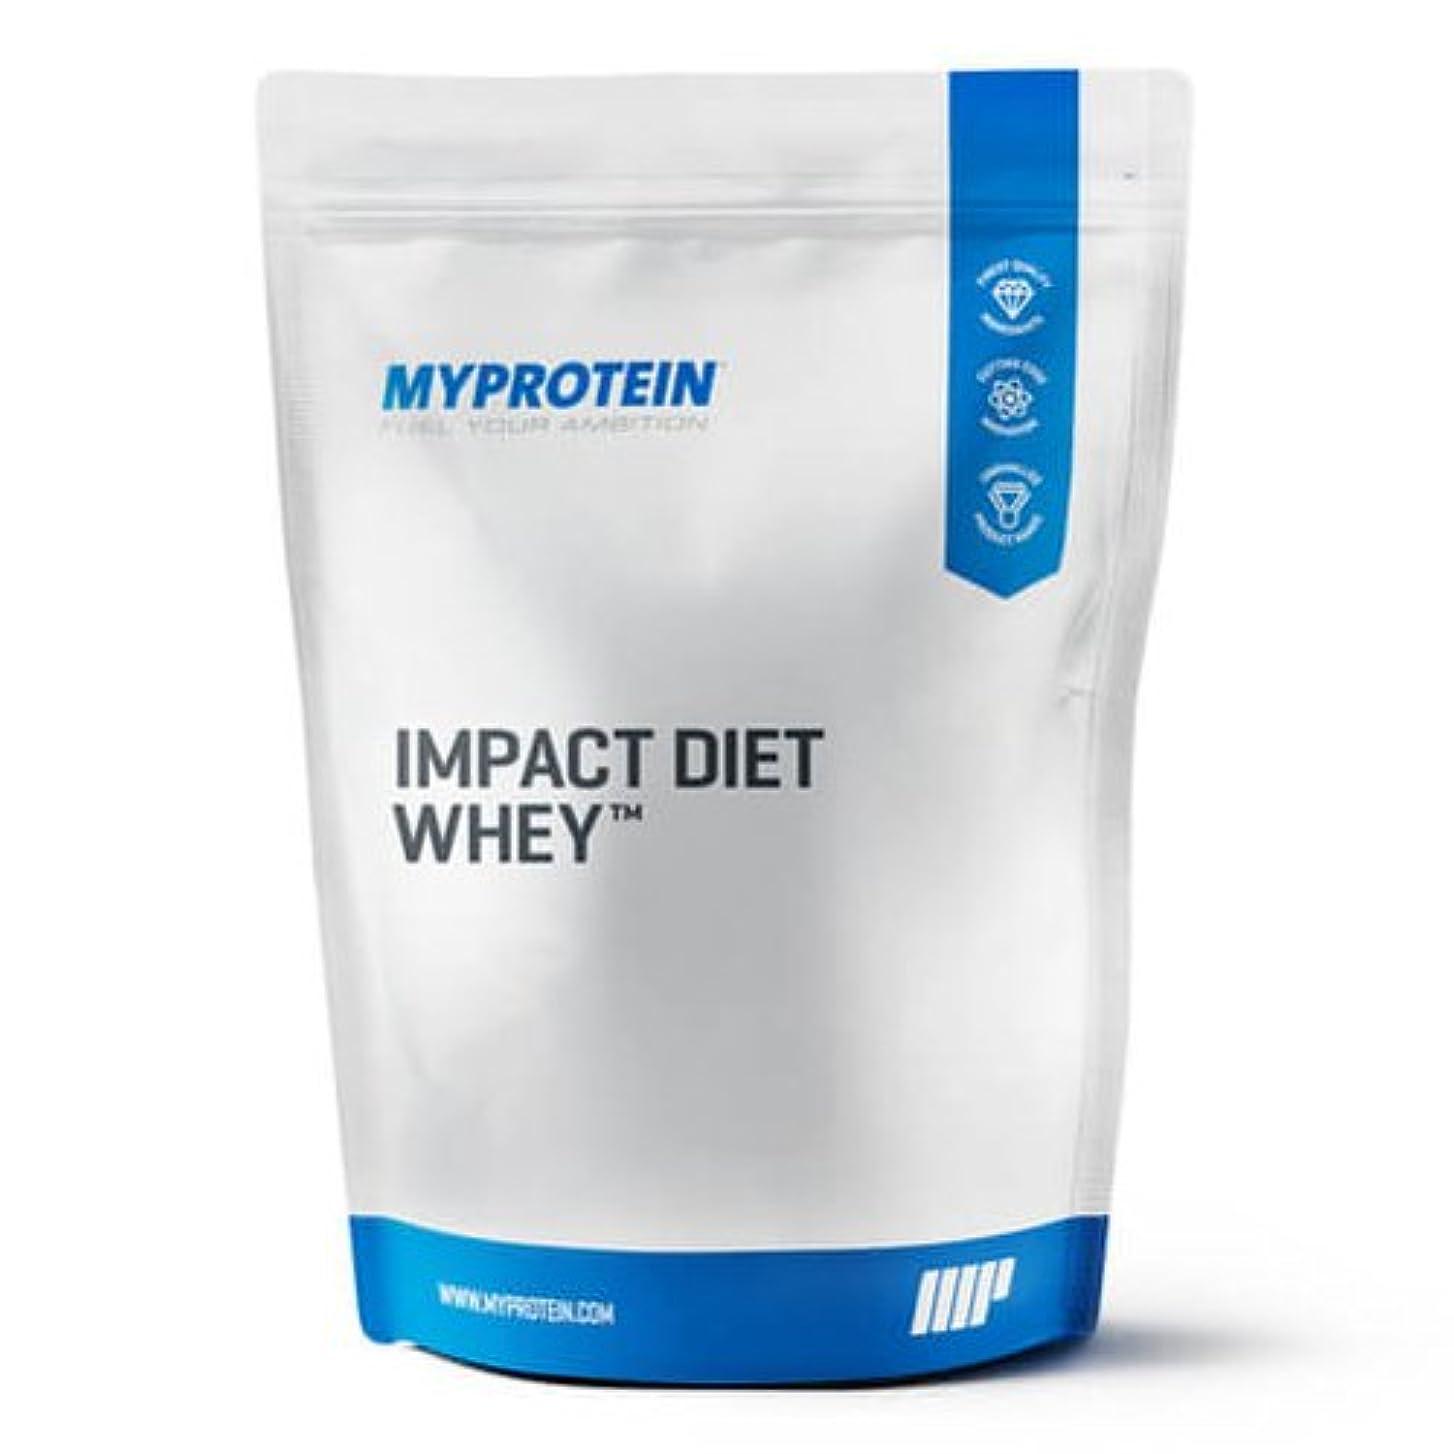 政府宣言生まれマイプロテイン Impact ダイエットホエイ 1kg (ストロベリーショートケーキ)